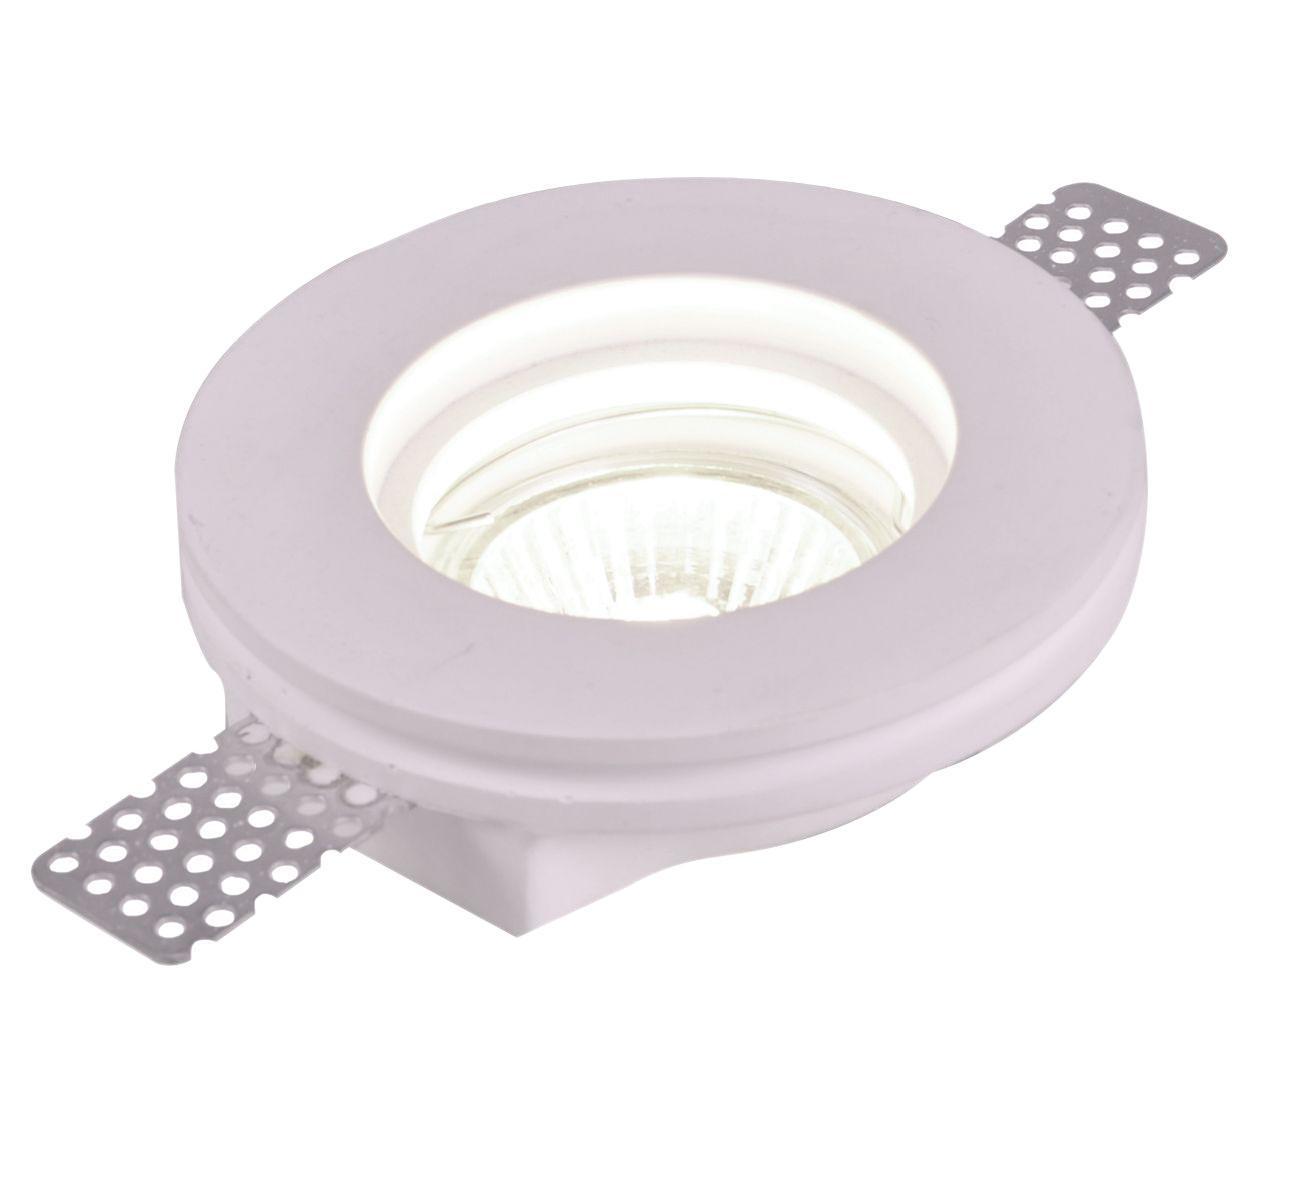 Светильник встраиваемый Arte lampСветильники встраиваемые<br>Стиль светильника: модерн,<br>Диаметр: 100,<br>Форма светильника: круг,<br>Материал светильника: металл,<br>Количество ламп: 1,<br>Тип лампы: накаливания,<br>Мощность: 35,<br>Патрон: GU10,<br>Цвет арматуры: белый,<br>Назначение светильника: для комнаты,<br>Вес нетто: 0.2<br>